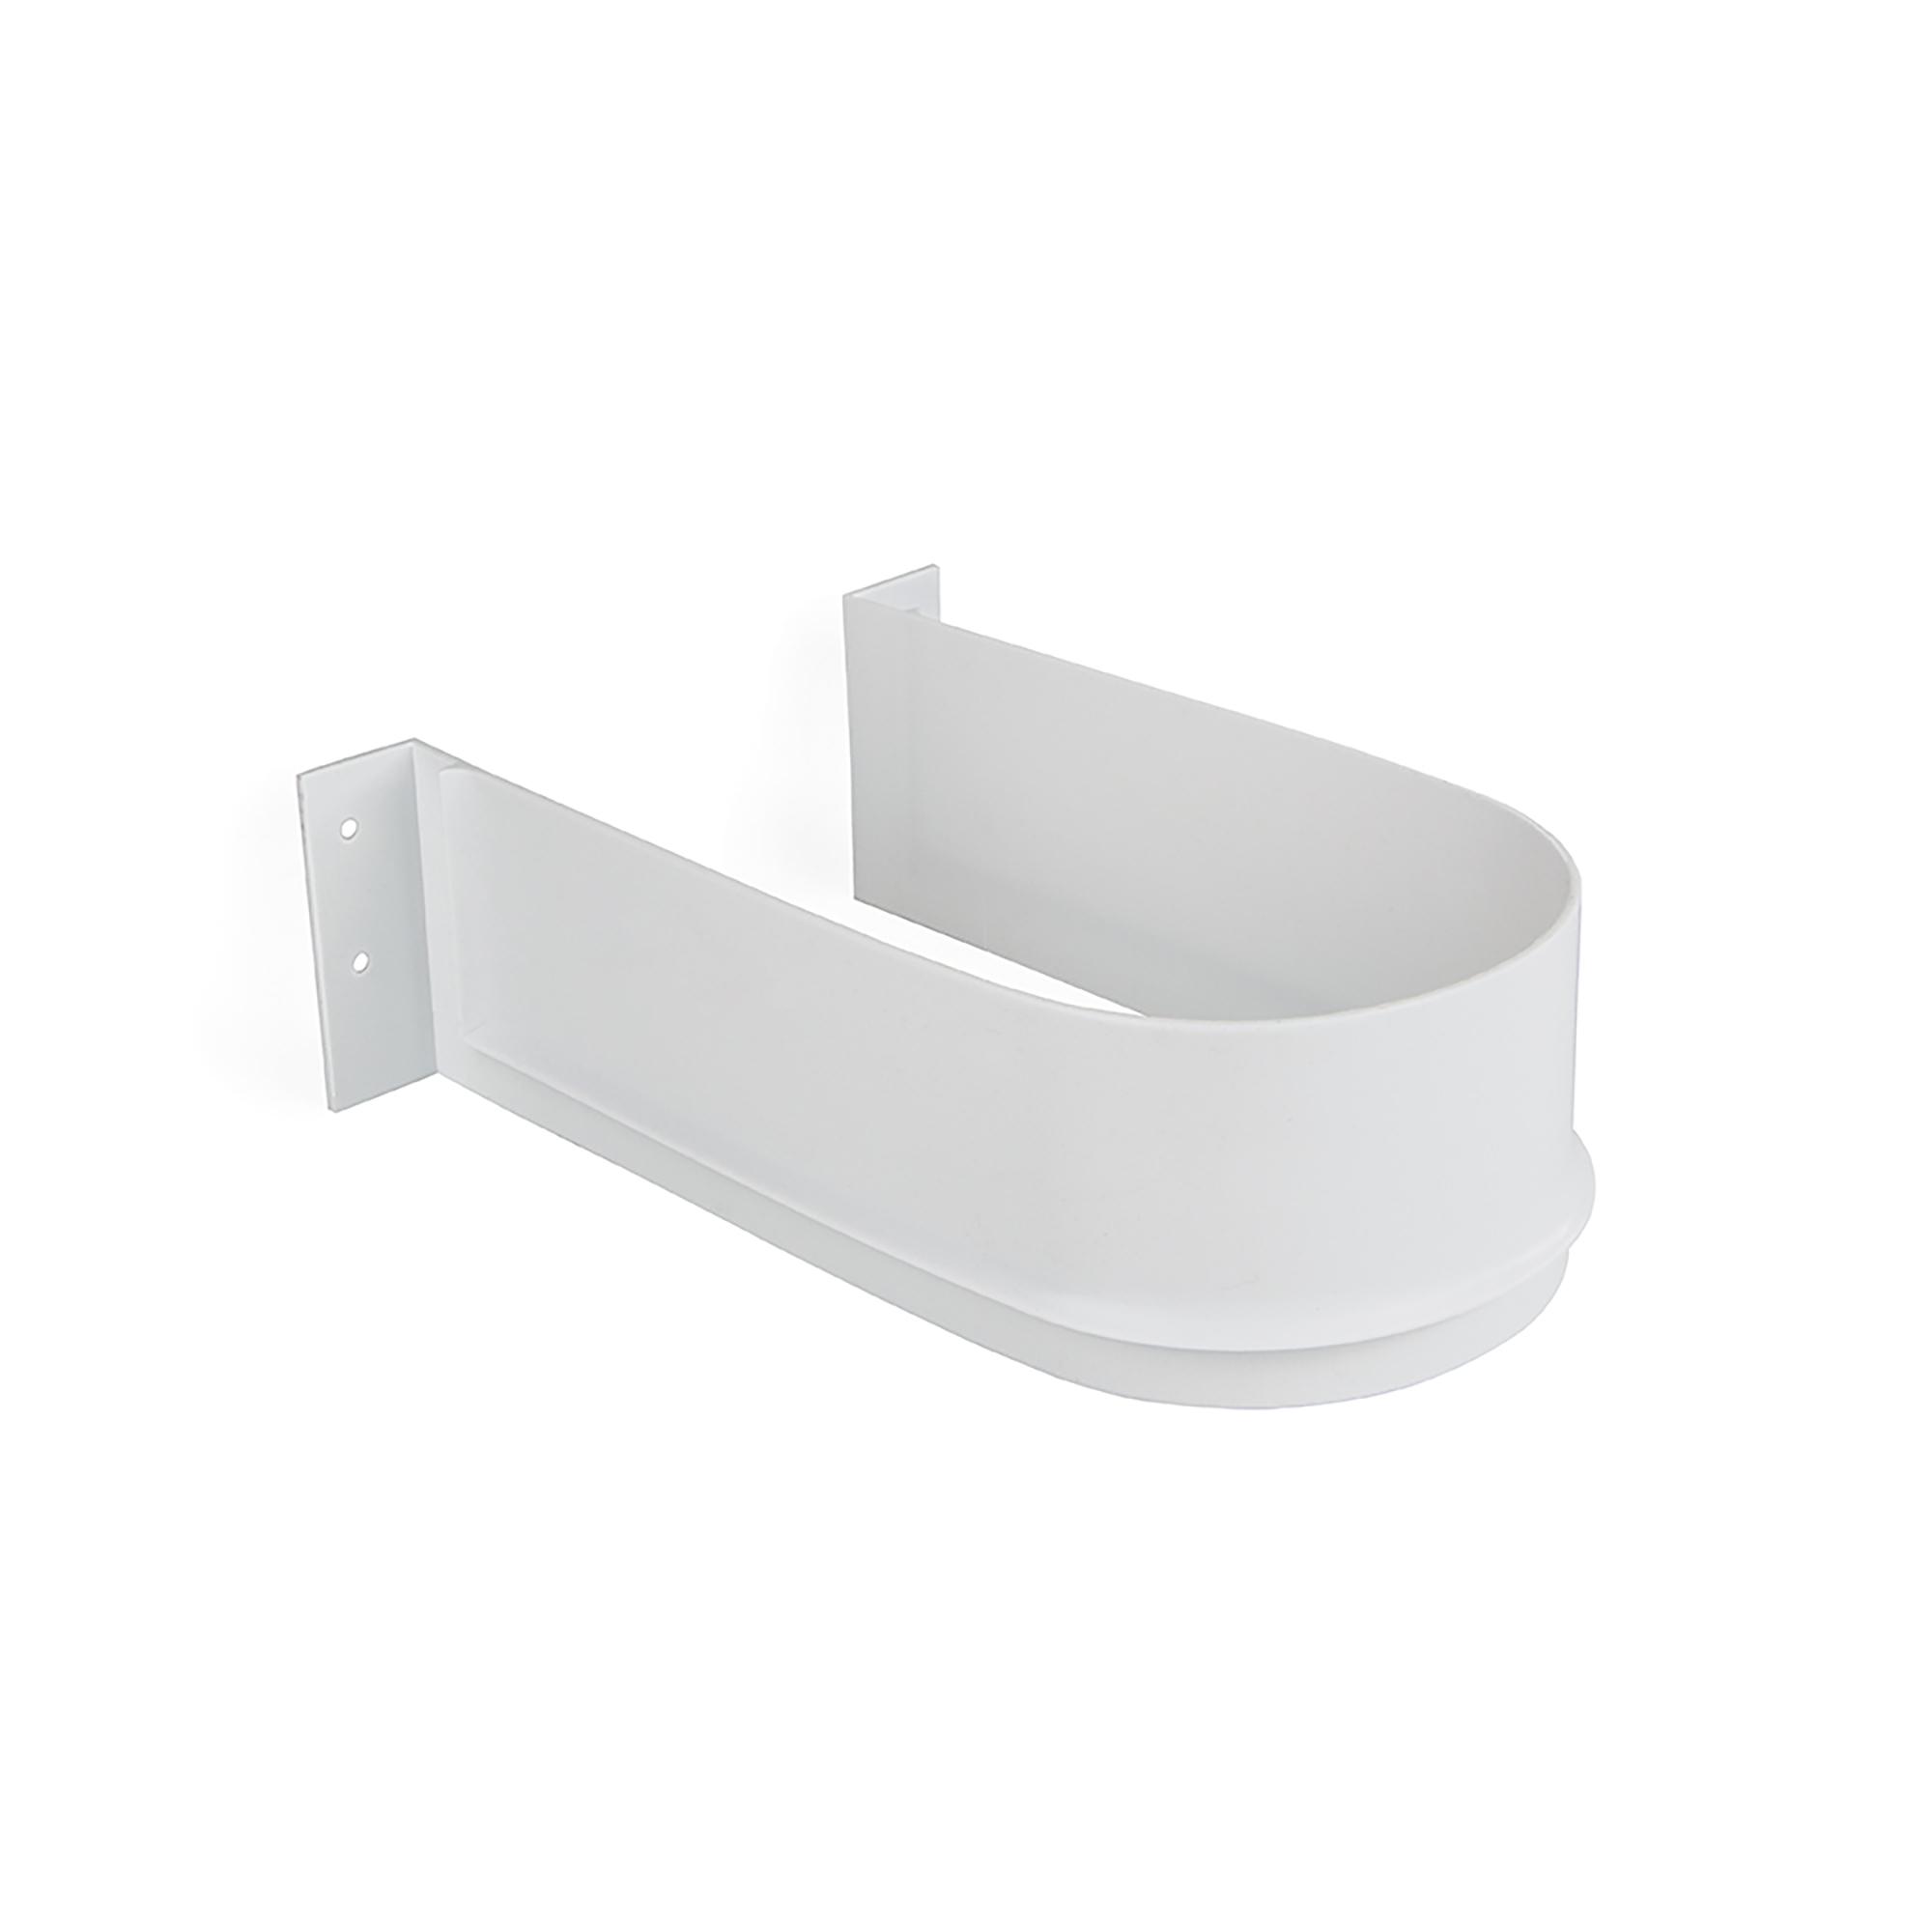 Salva sifone curvo per cassetti del bagno bianco Emuca